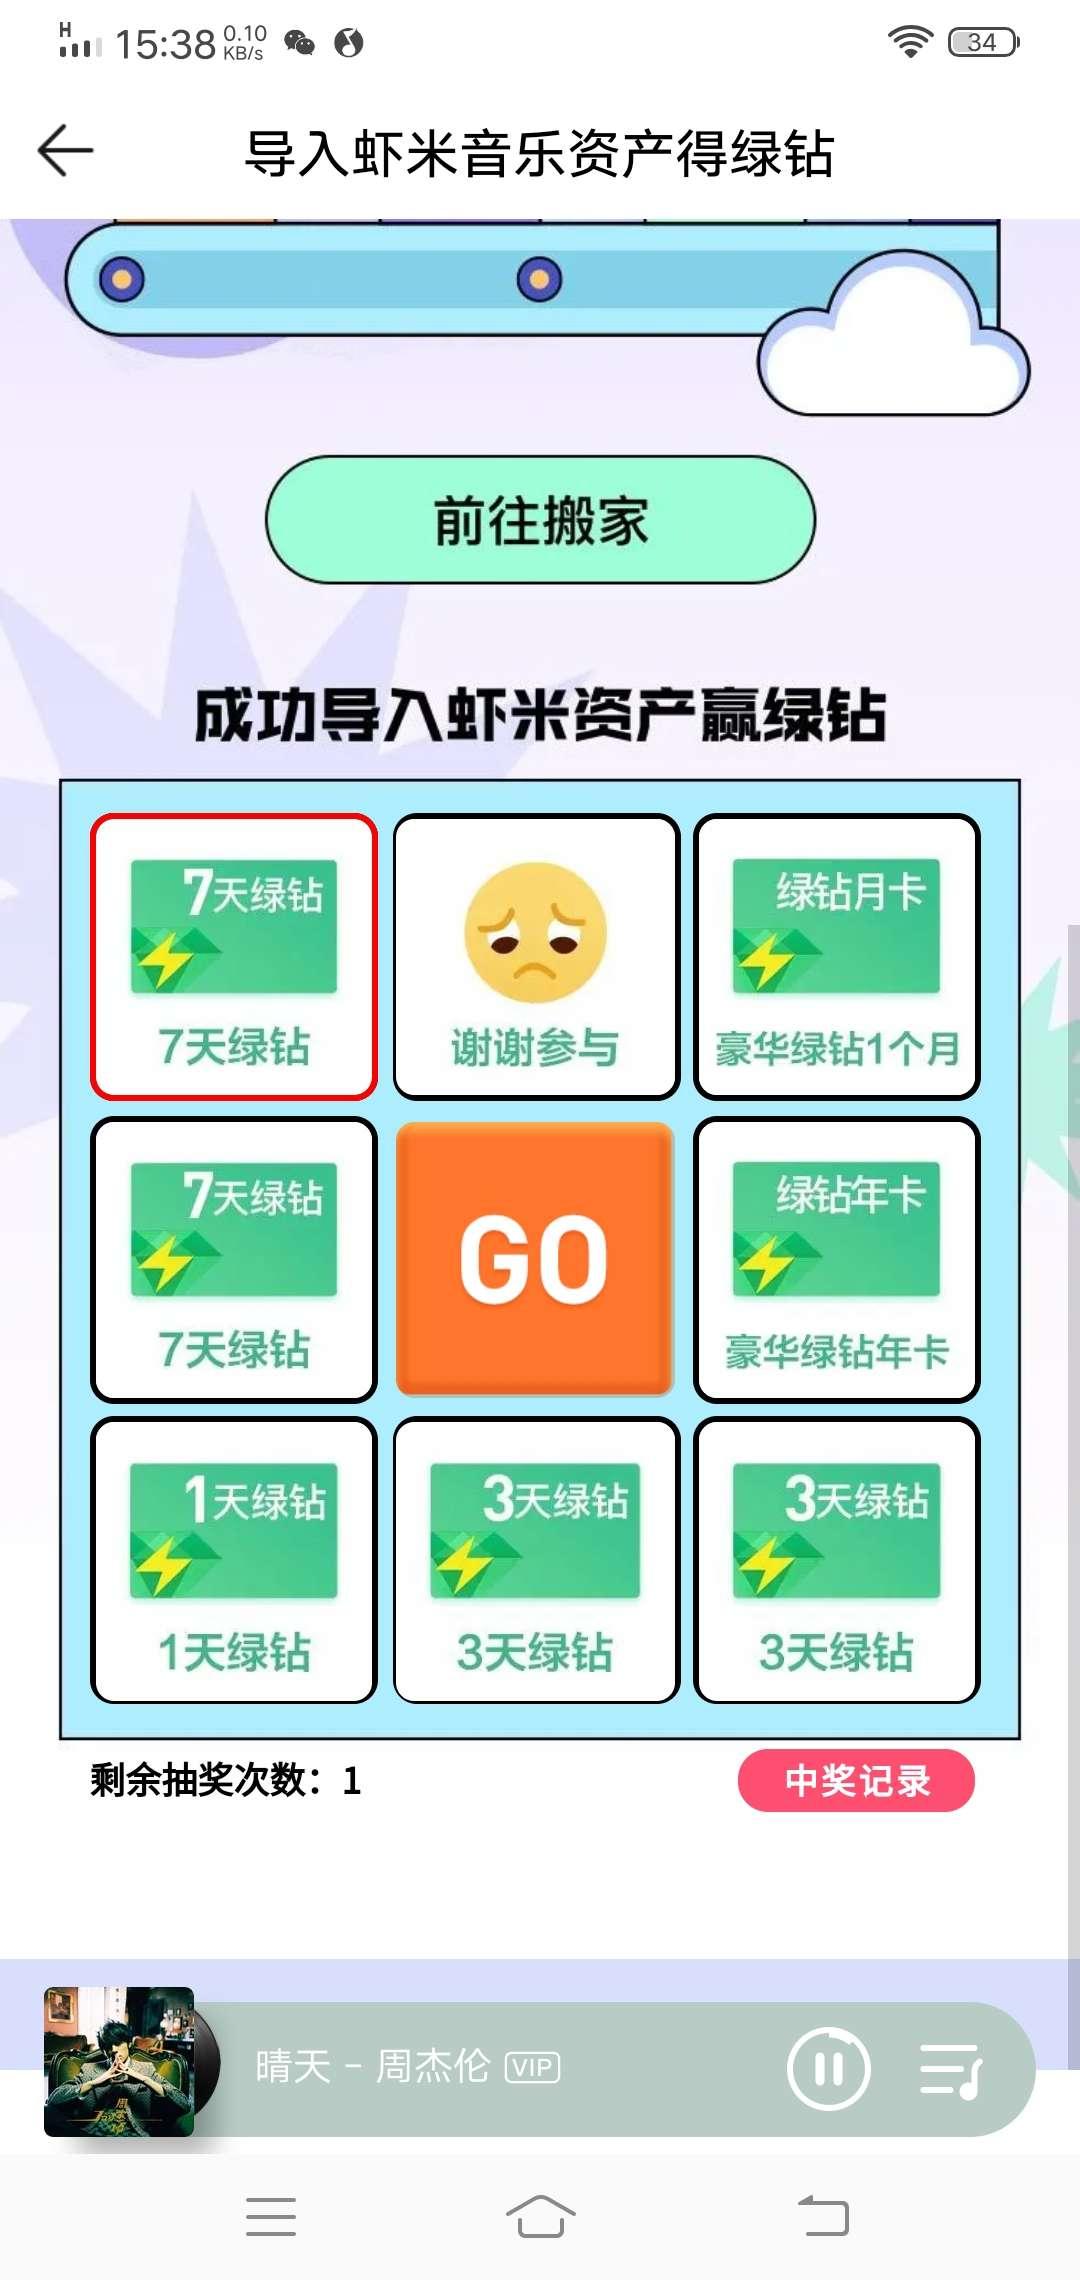 图片[2]-QQ音乐导入虾米音乐资产抽绿钻-老友薅羊毛活动线报网